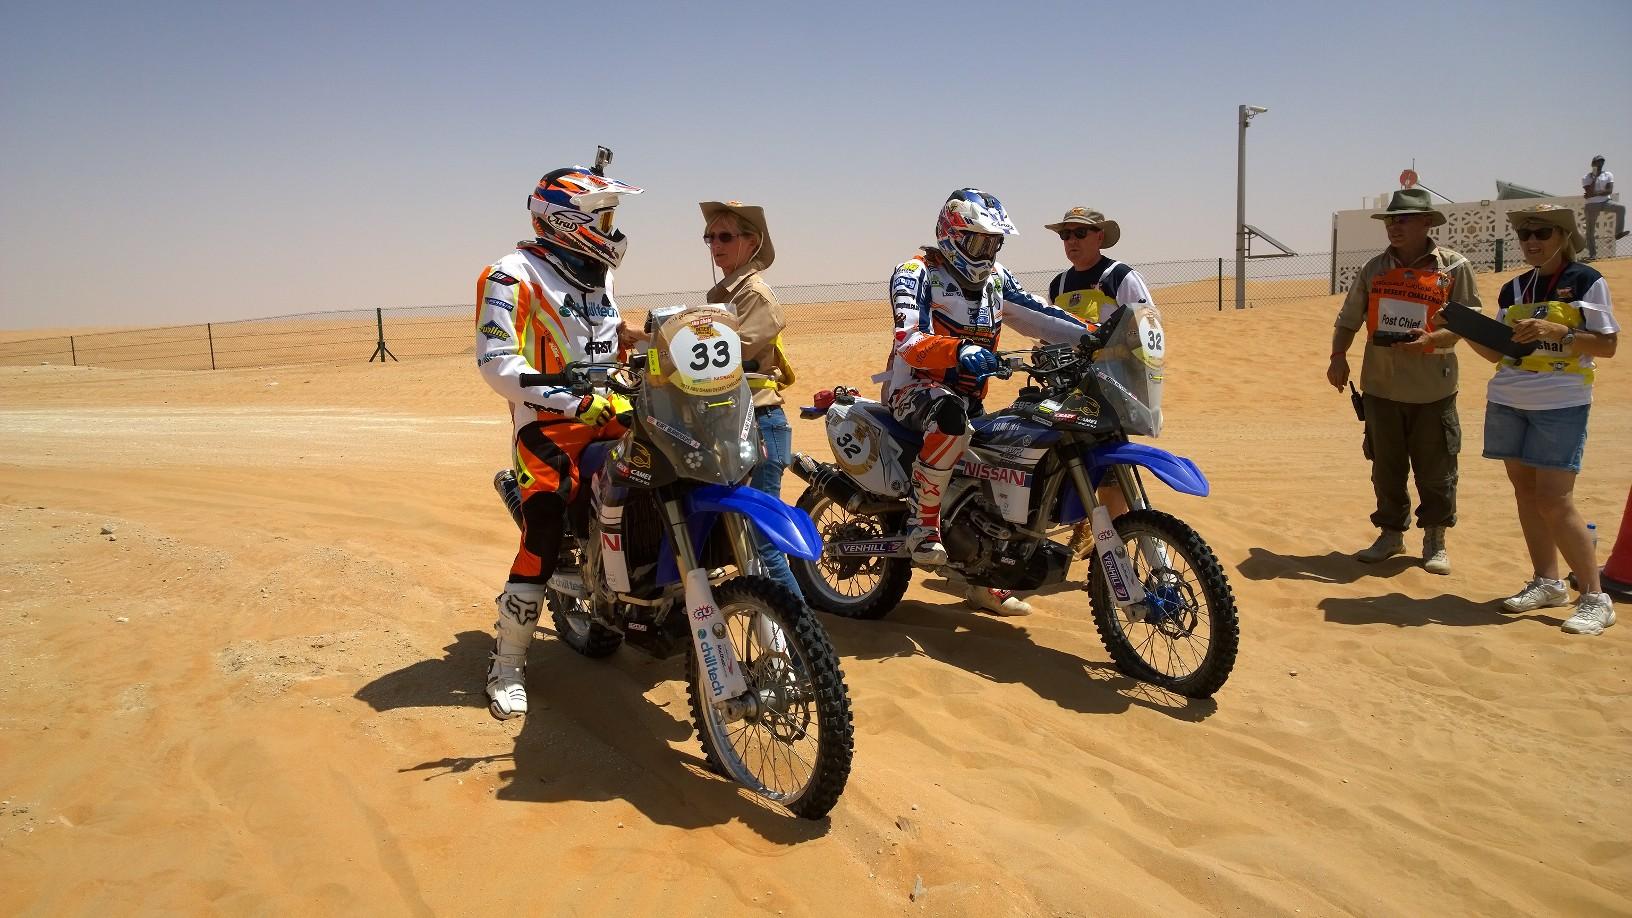 Abu Dhabi Desert Challenge 2015 Yamaha WR450F Rally 15